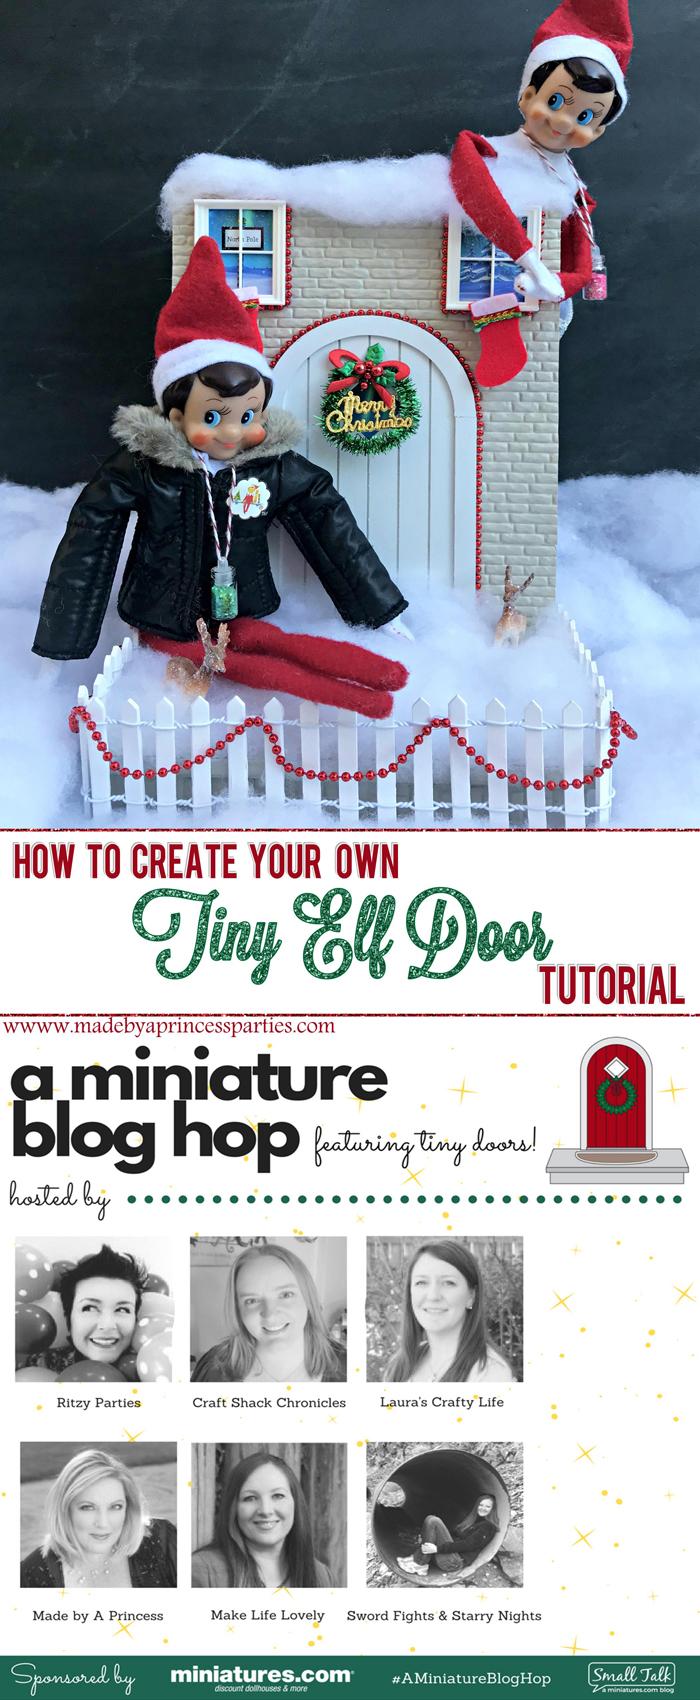 How to Create Your Own Tiny Elf Door Tutorial Elf on the Shelf Blog Hop MadebyaPrincess #elfdoor #fairydoor #elfdoorkit